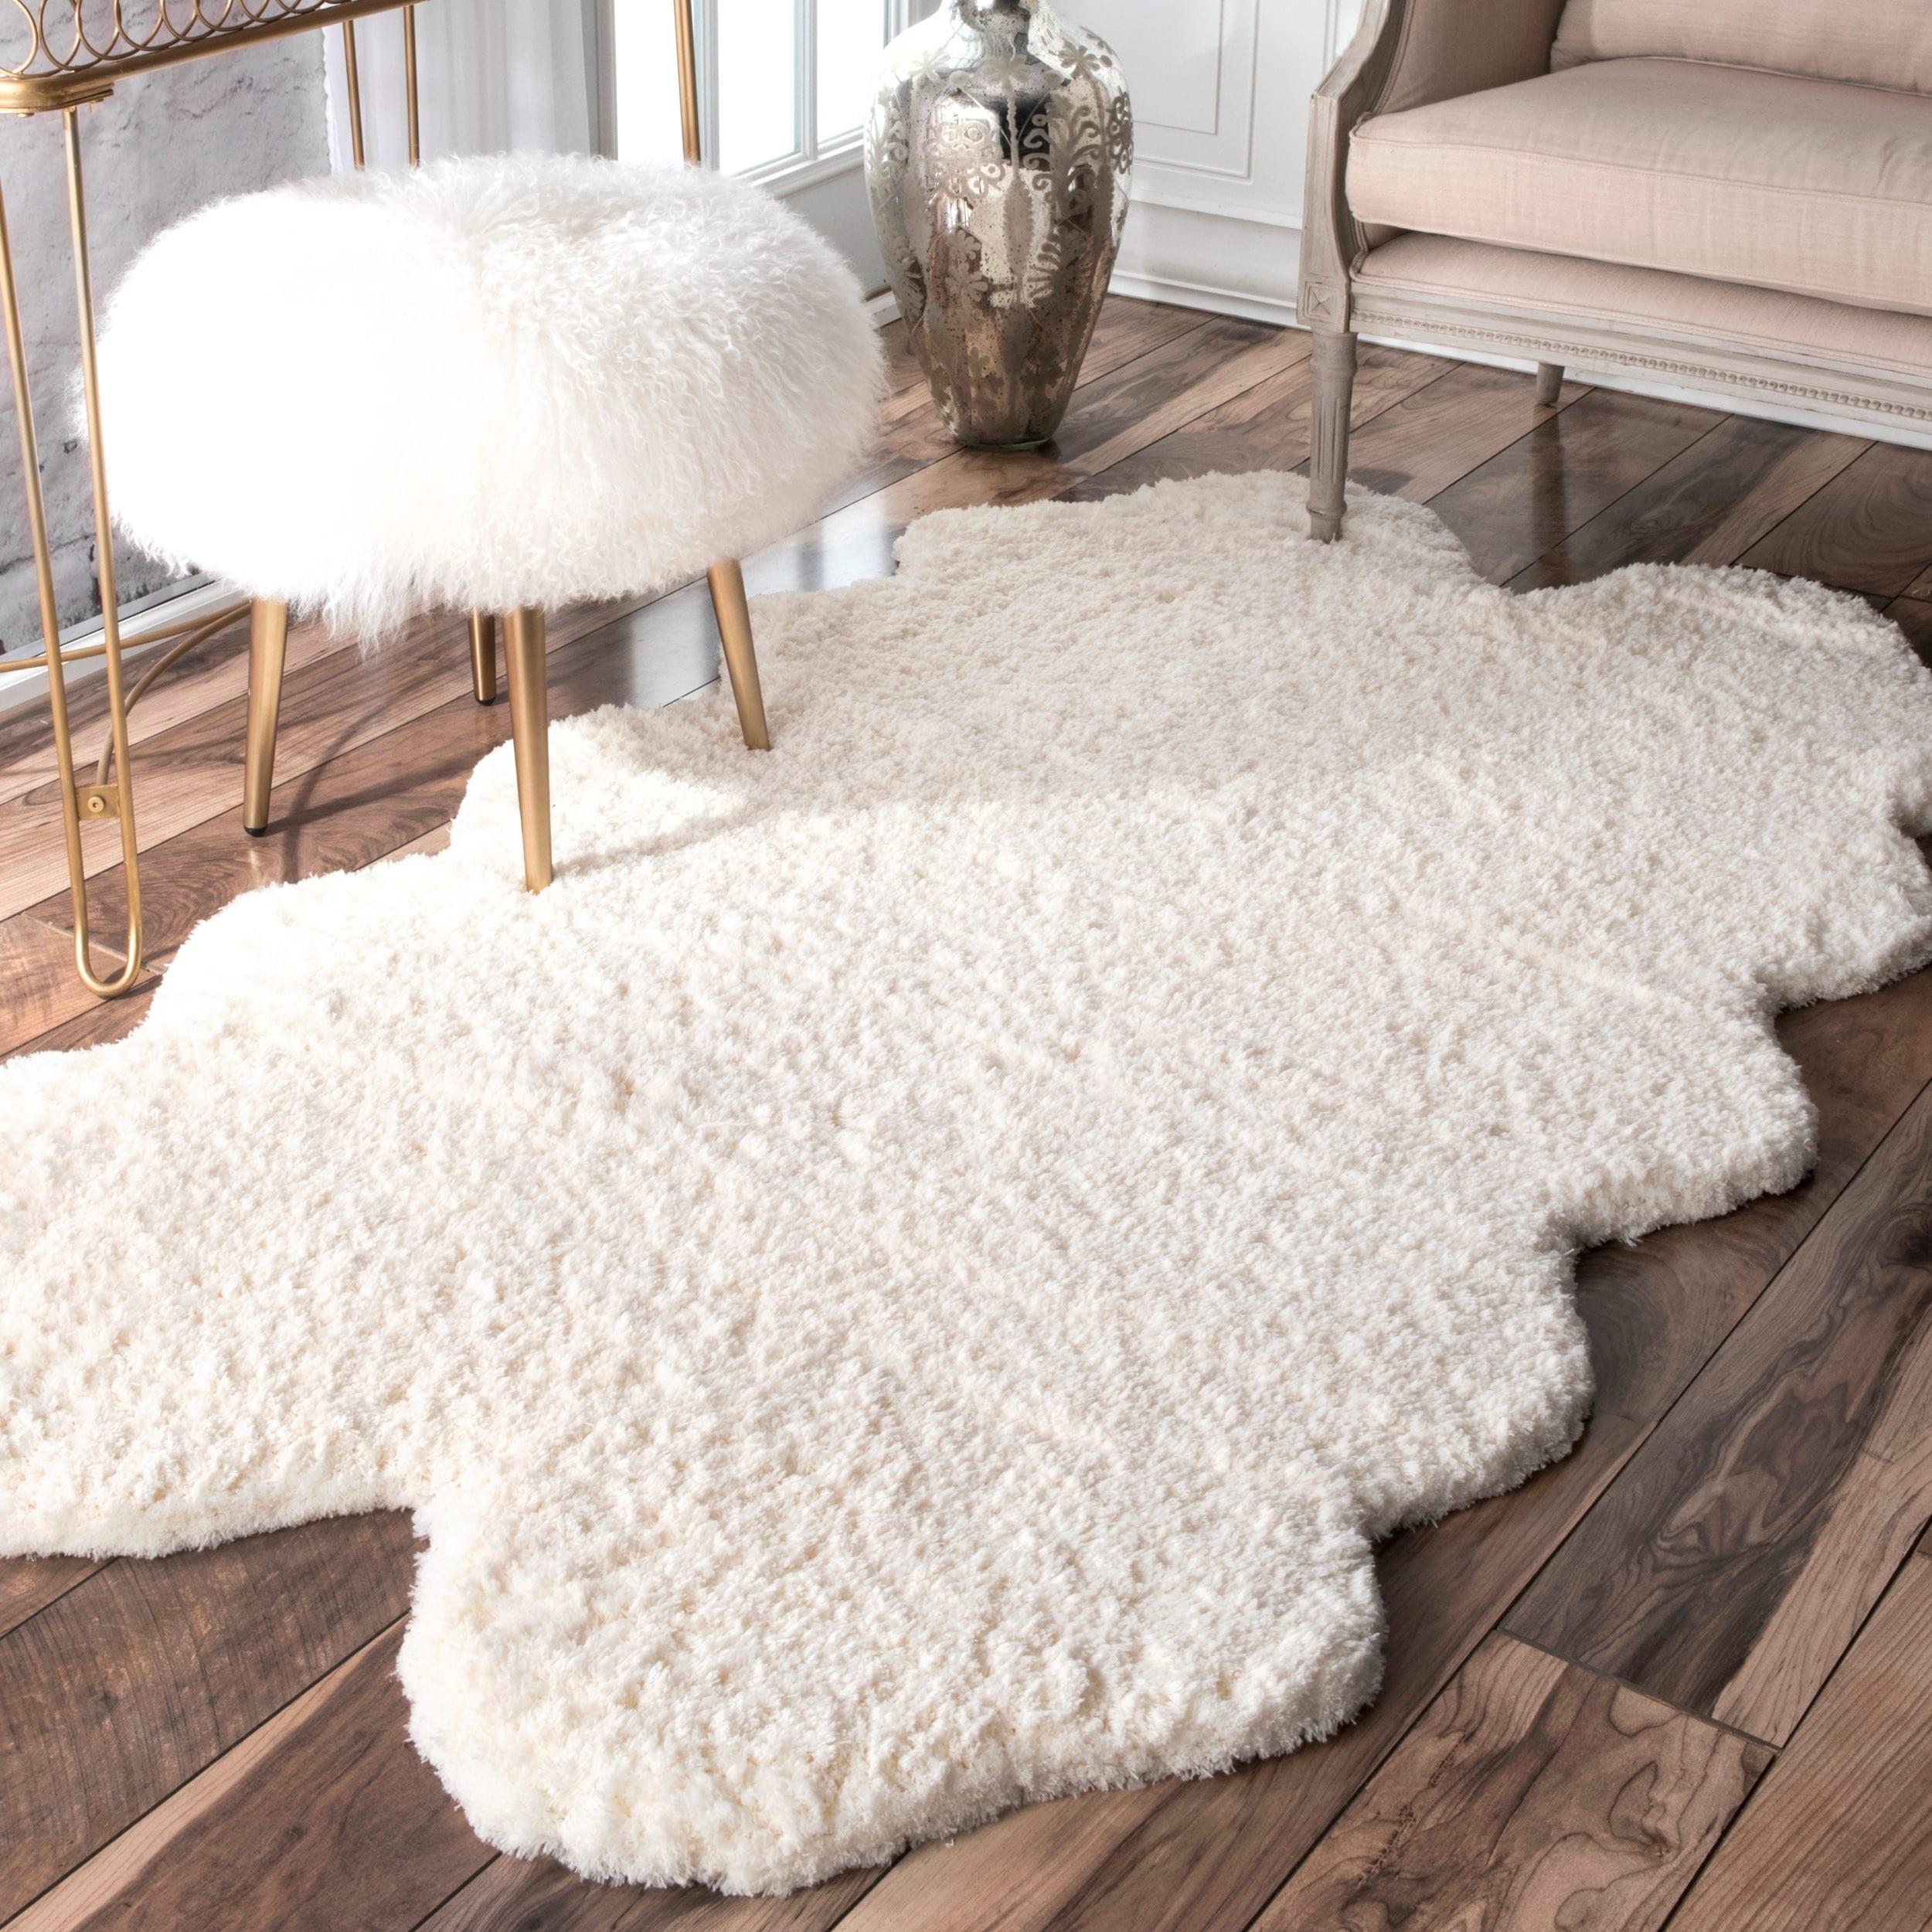 Nuloom Handmade Faux Sheepskin Quarto Pelt White Shag Rug 3 X 6